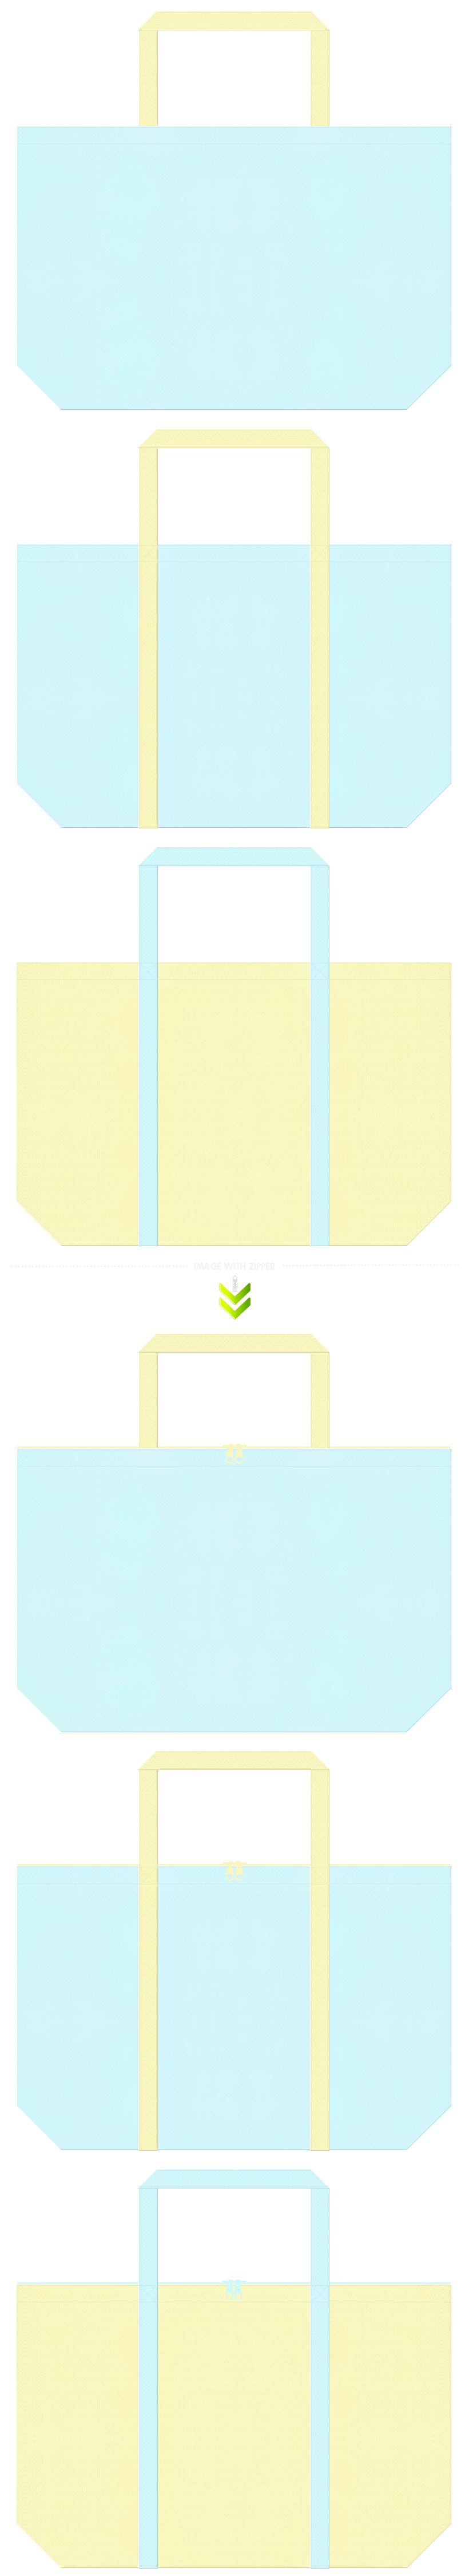 介護用品・潤い・化粧水・洗剤・石鹸・洗面用品・バス用品・パステルカラーのショッピングバッグにお奨めの不織布バッグデザイン:水色と薄黄色のコーデ